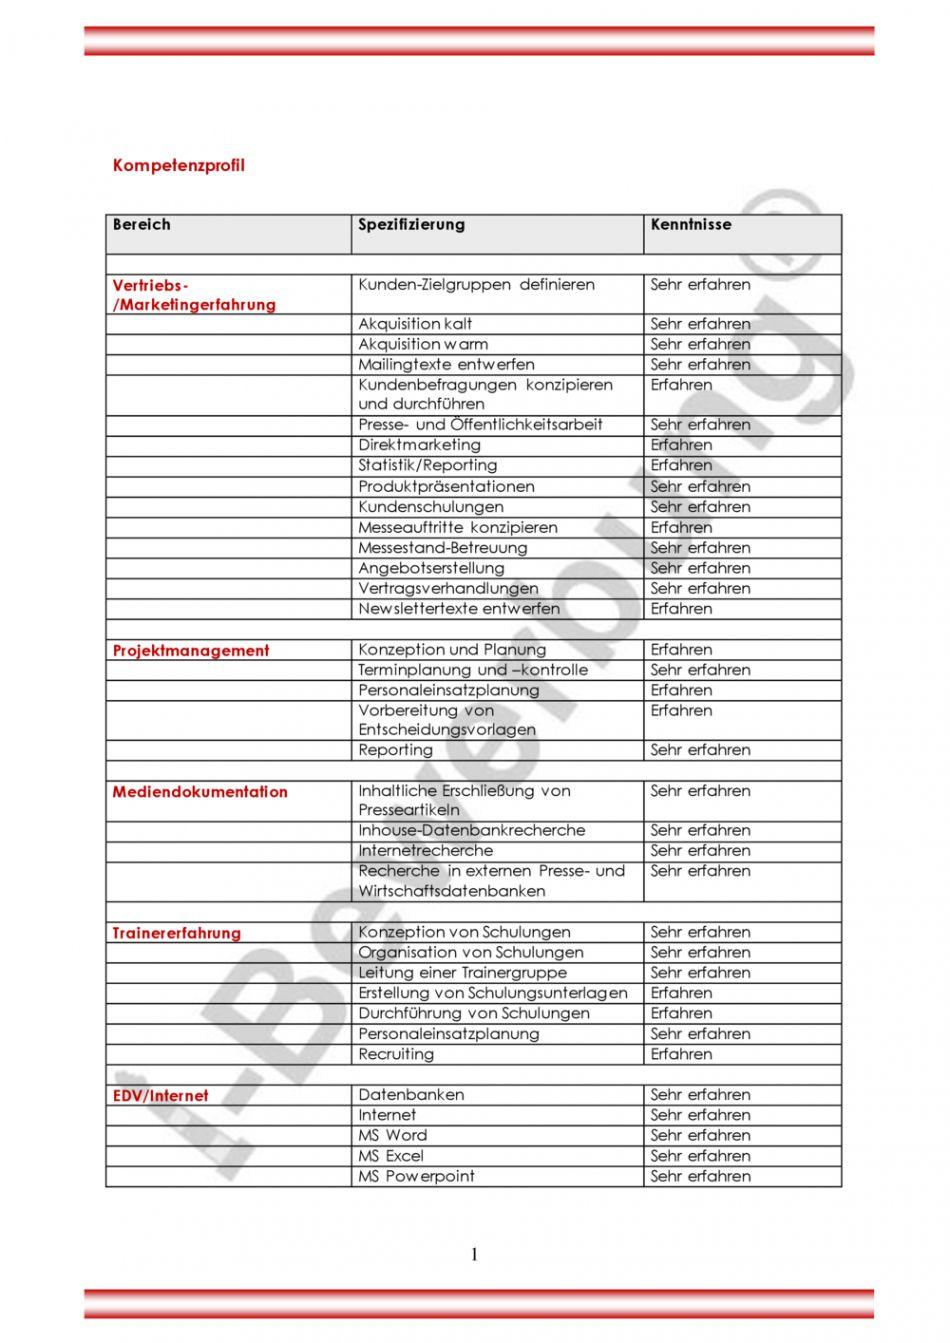 Blattern Unsere Druckbar Von Vorlage Lebenslauf Mit Kompetenzprofil Vorlagen Lebenslauf Lebenslauf Vorlagen